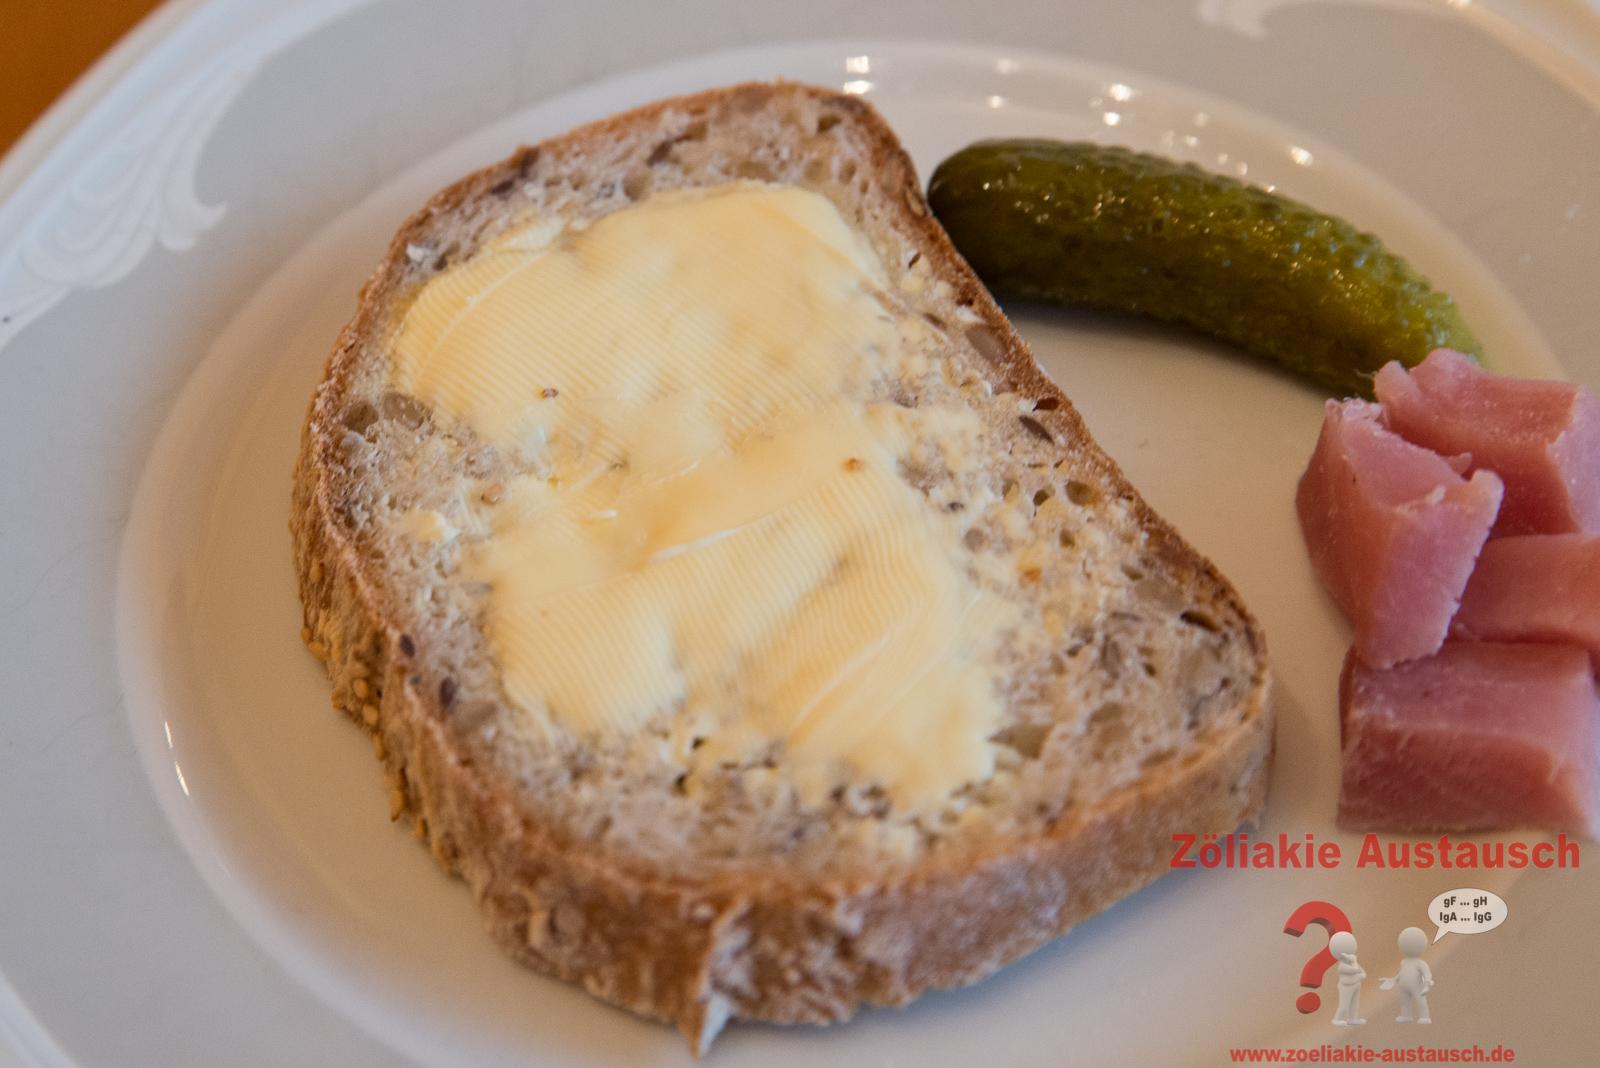 HobbyBaecker-Glutenfrei-Zoeliakie-Austausch_6557